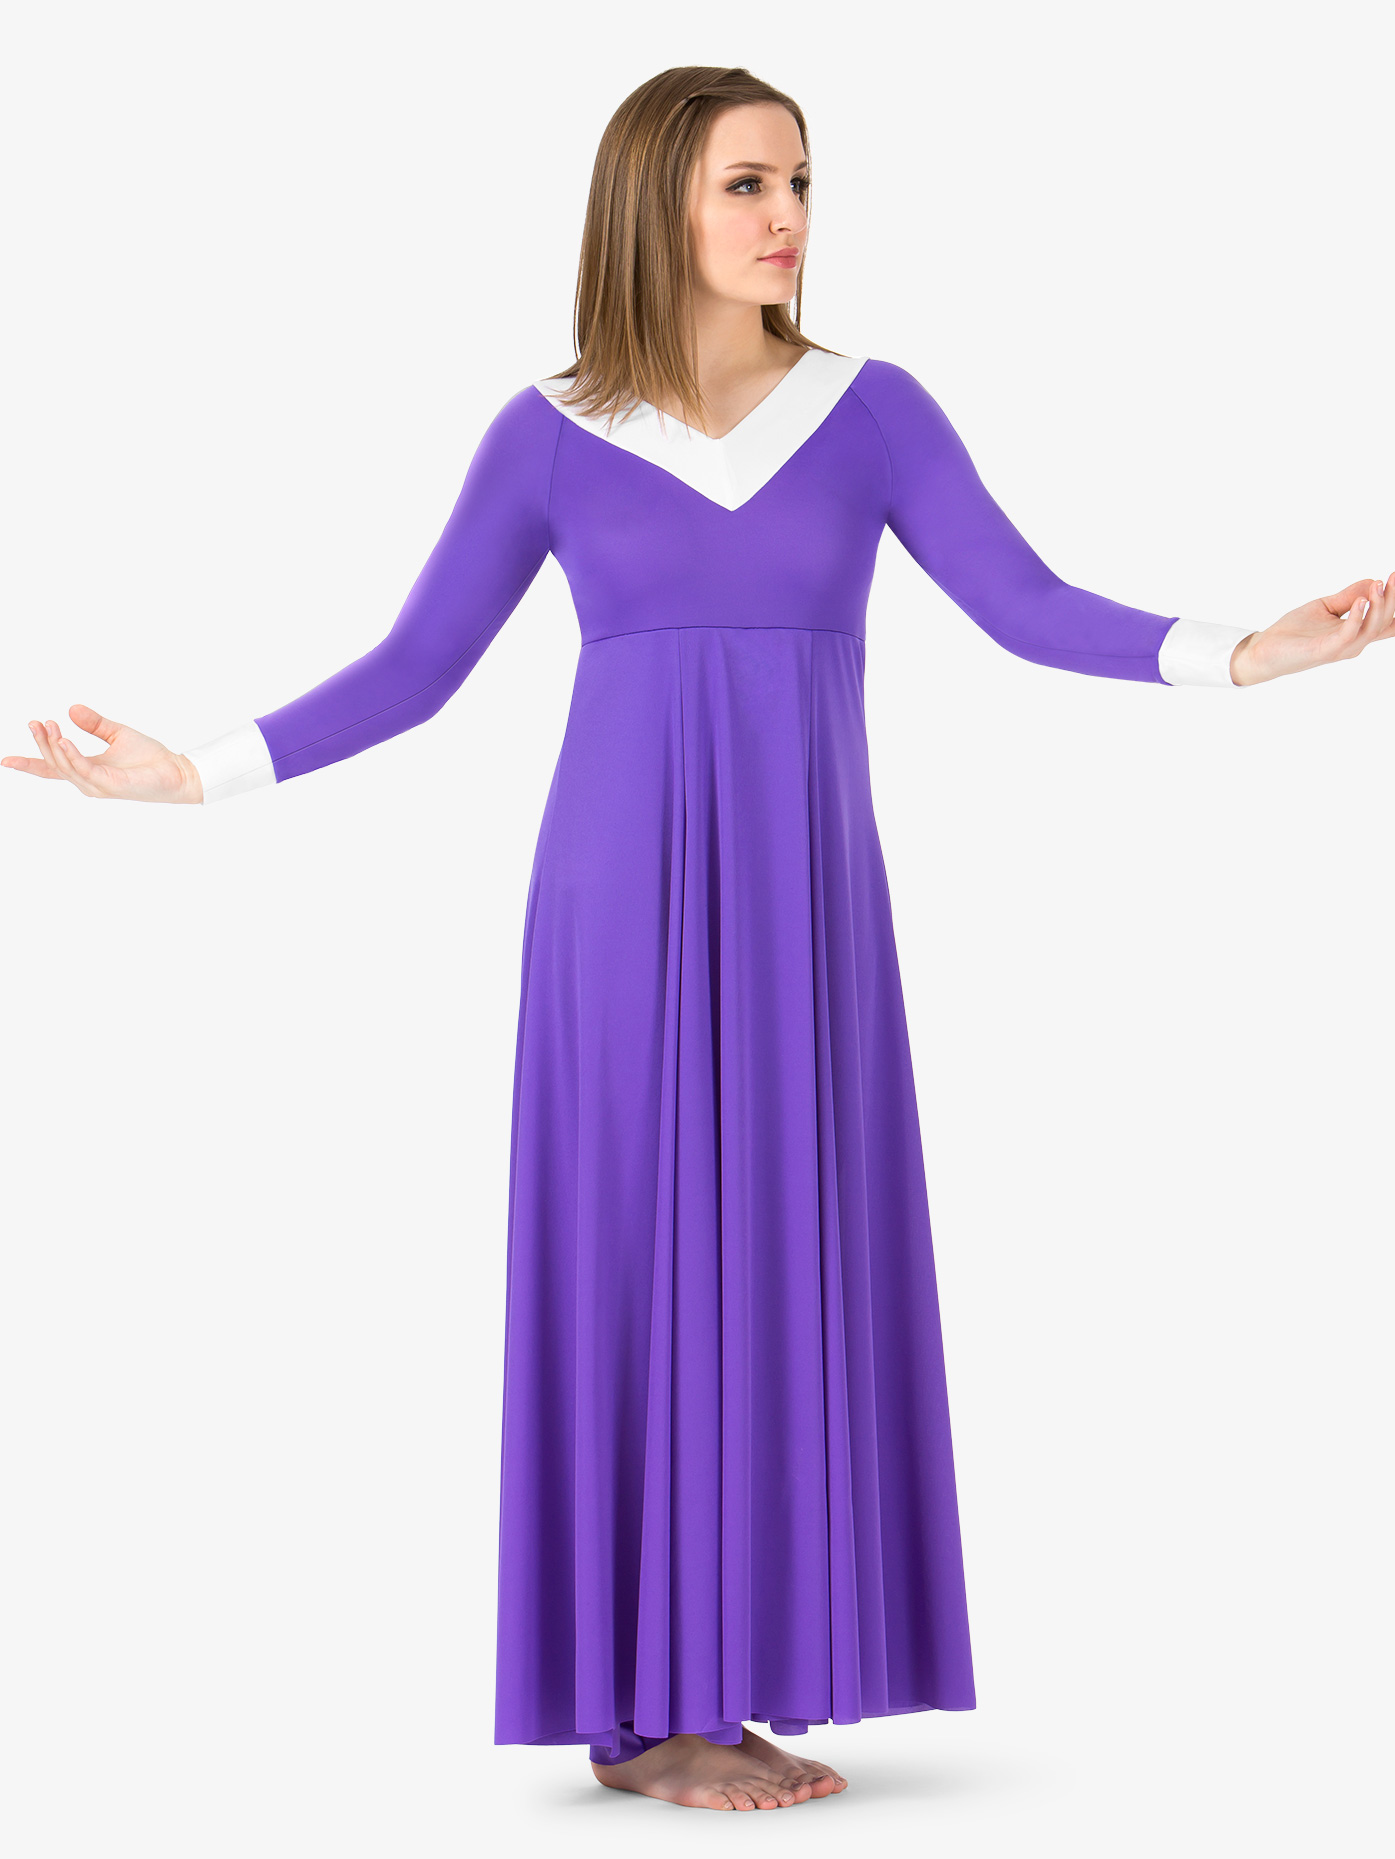 72a970301ee9 Liturgical and Praise Dance Wear at DancewearDeals.com